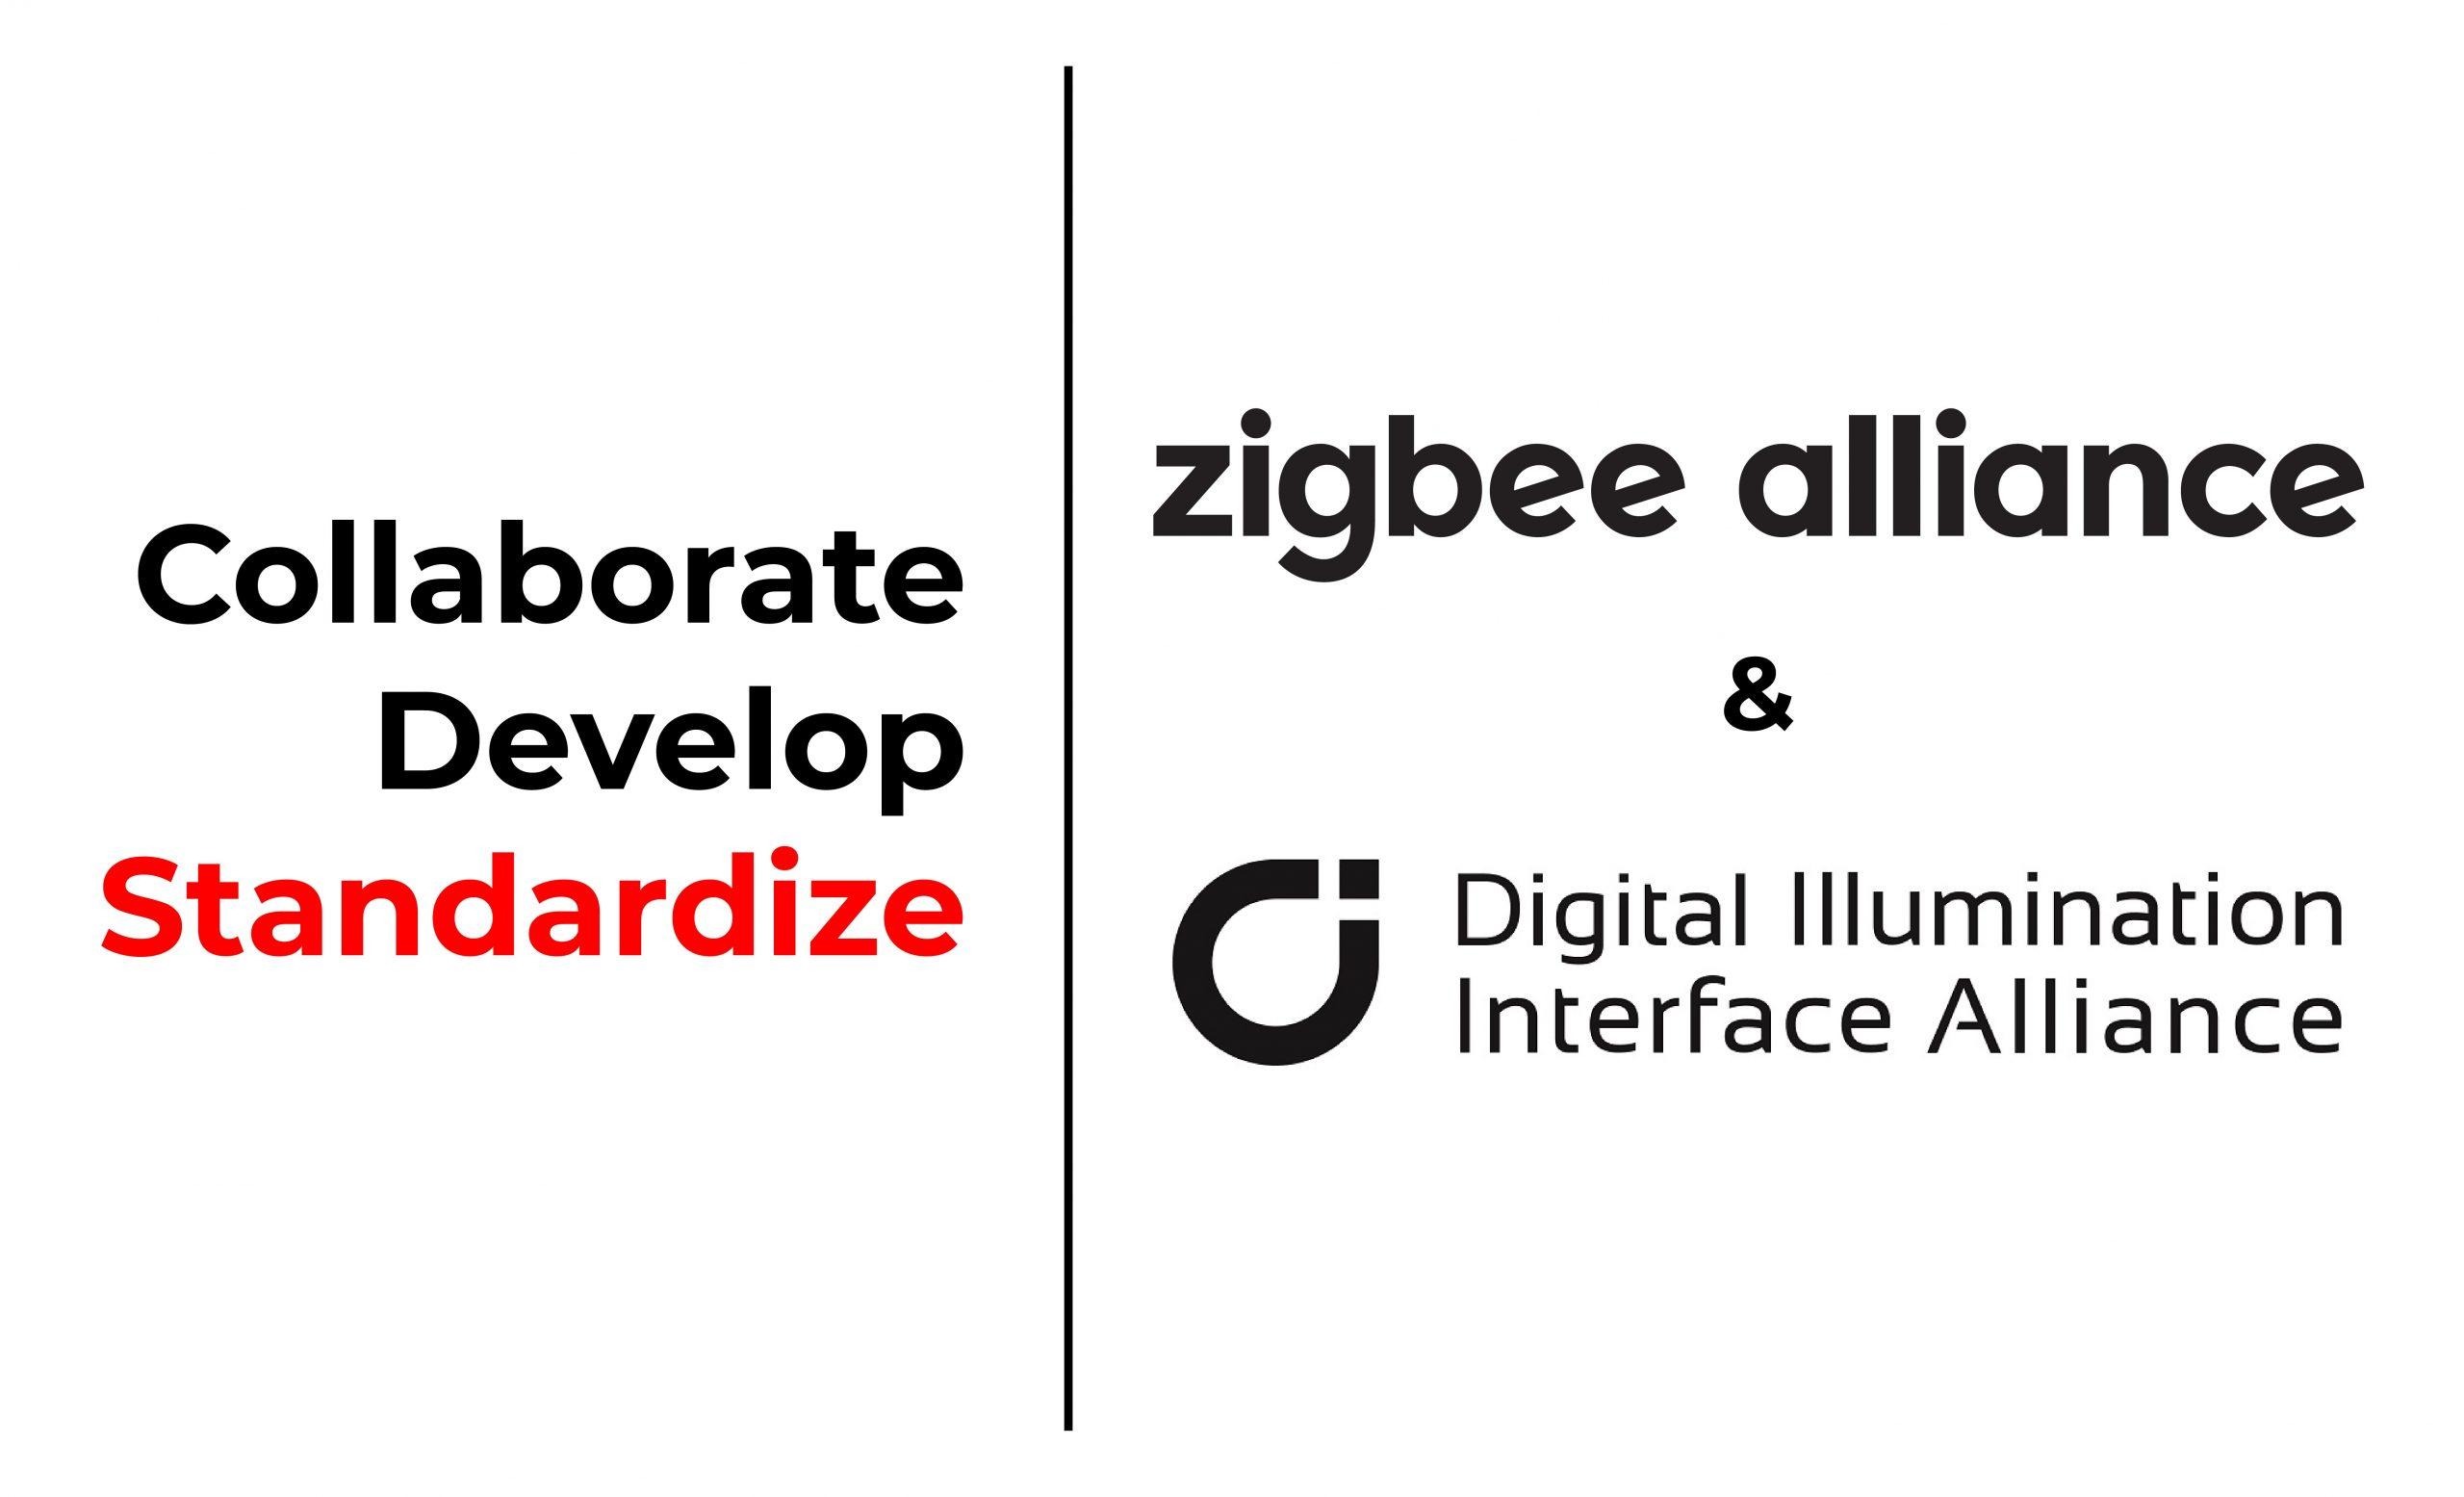 Kooperation zwischen der Zigbee Alliance und DiiA